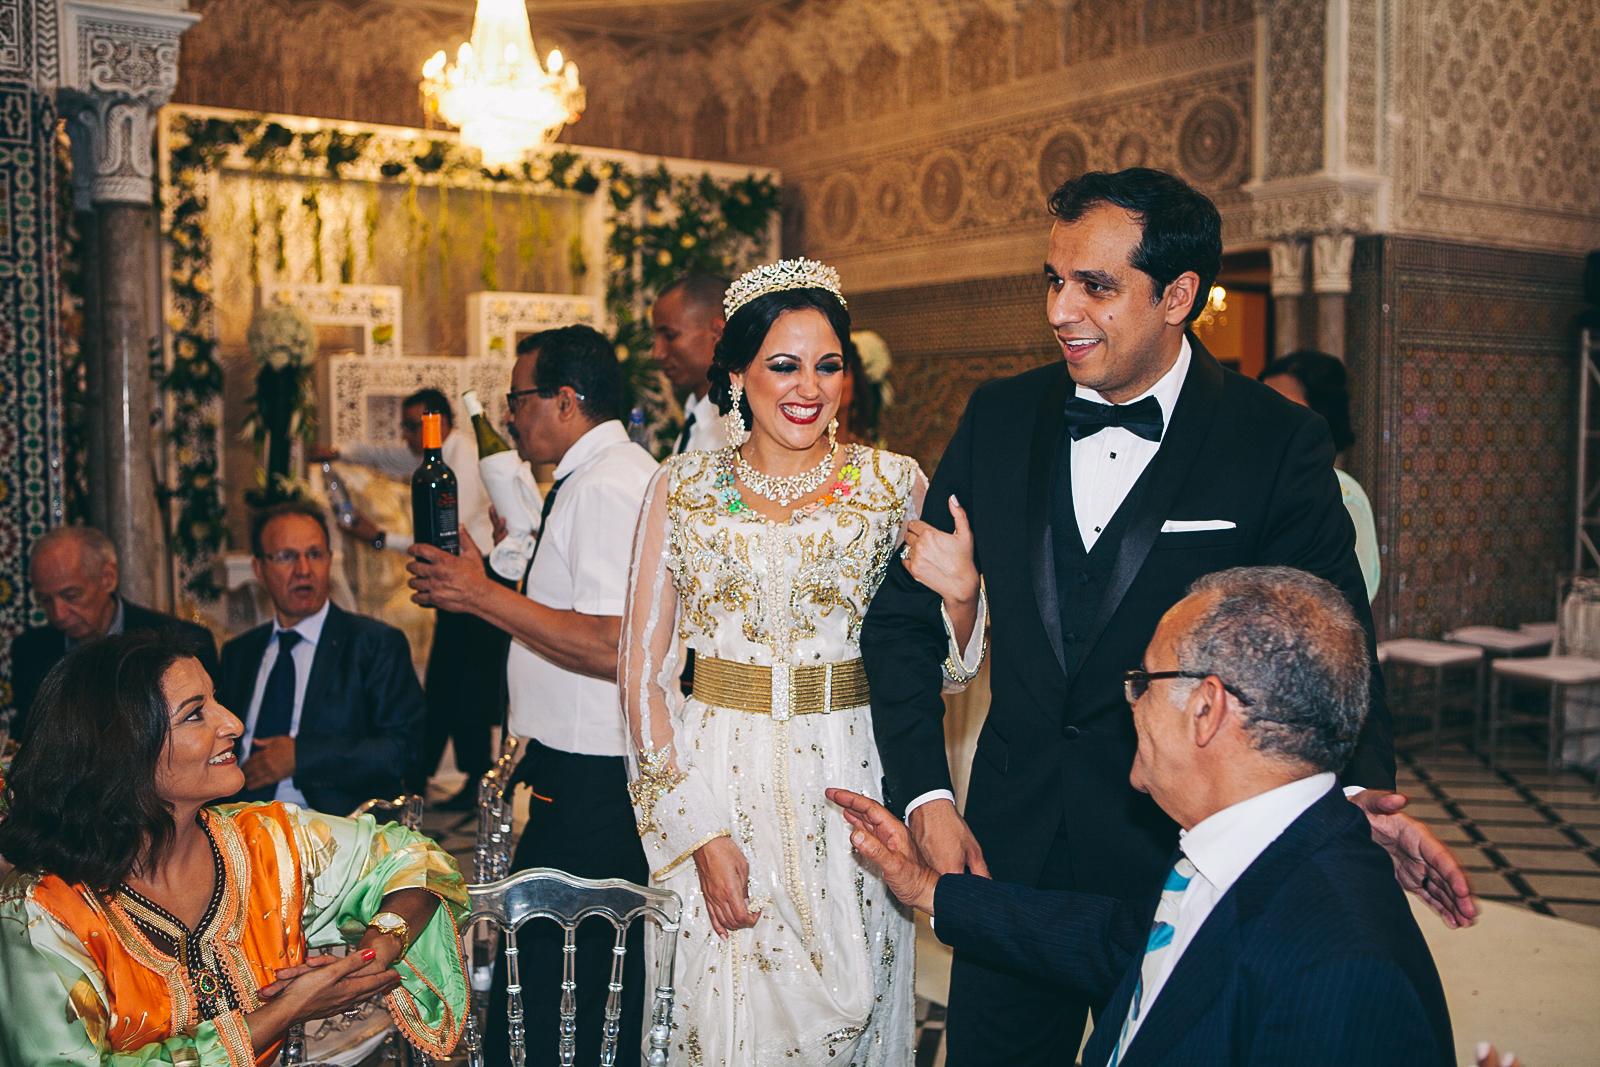 traditional_moroccan_wedding_photographry_casablanca_morocco_houda_vivek_ebony_siovhan_bokeh_photography_135.jpg